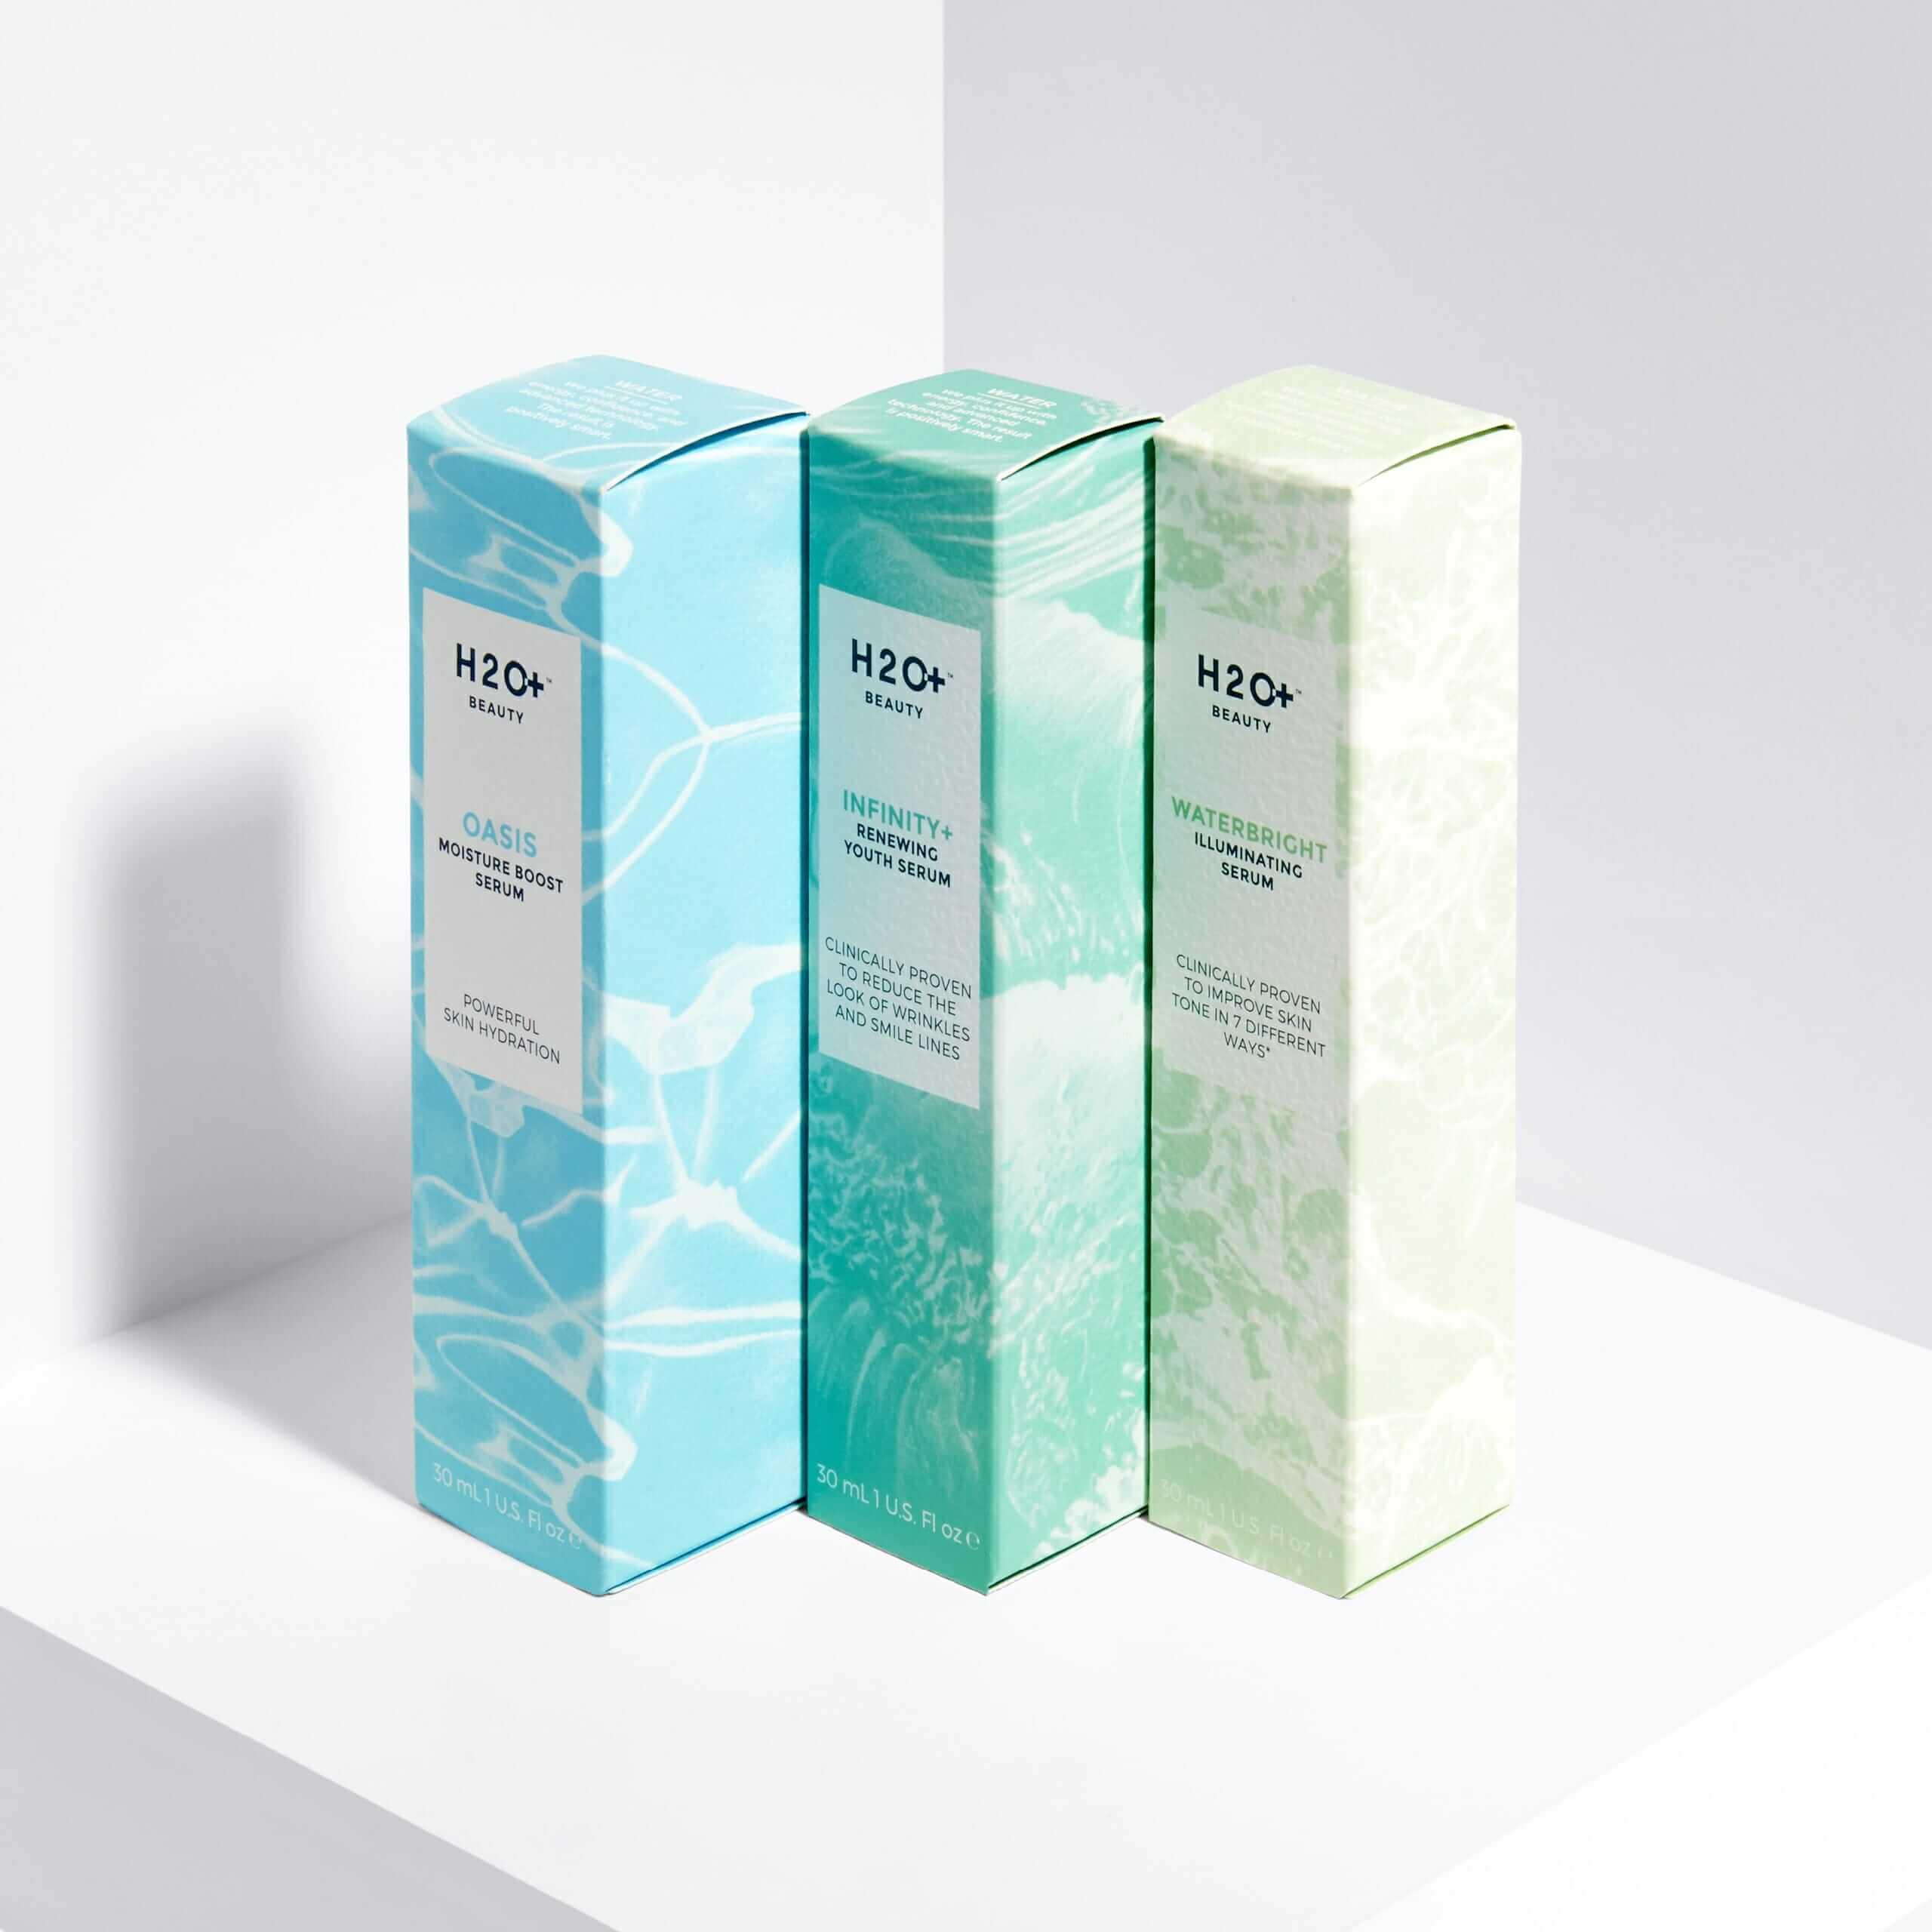 AI_H2O_Packaging_LR_3